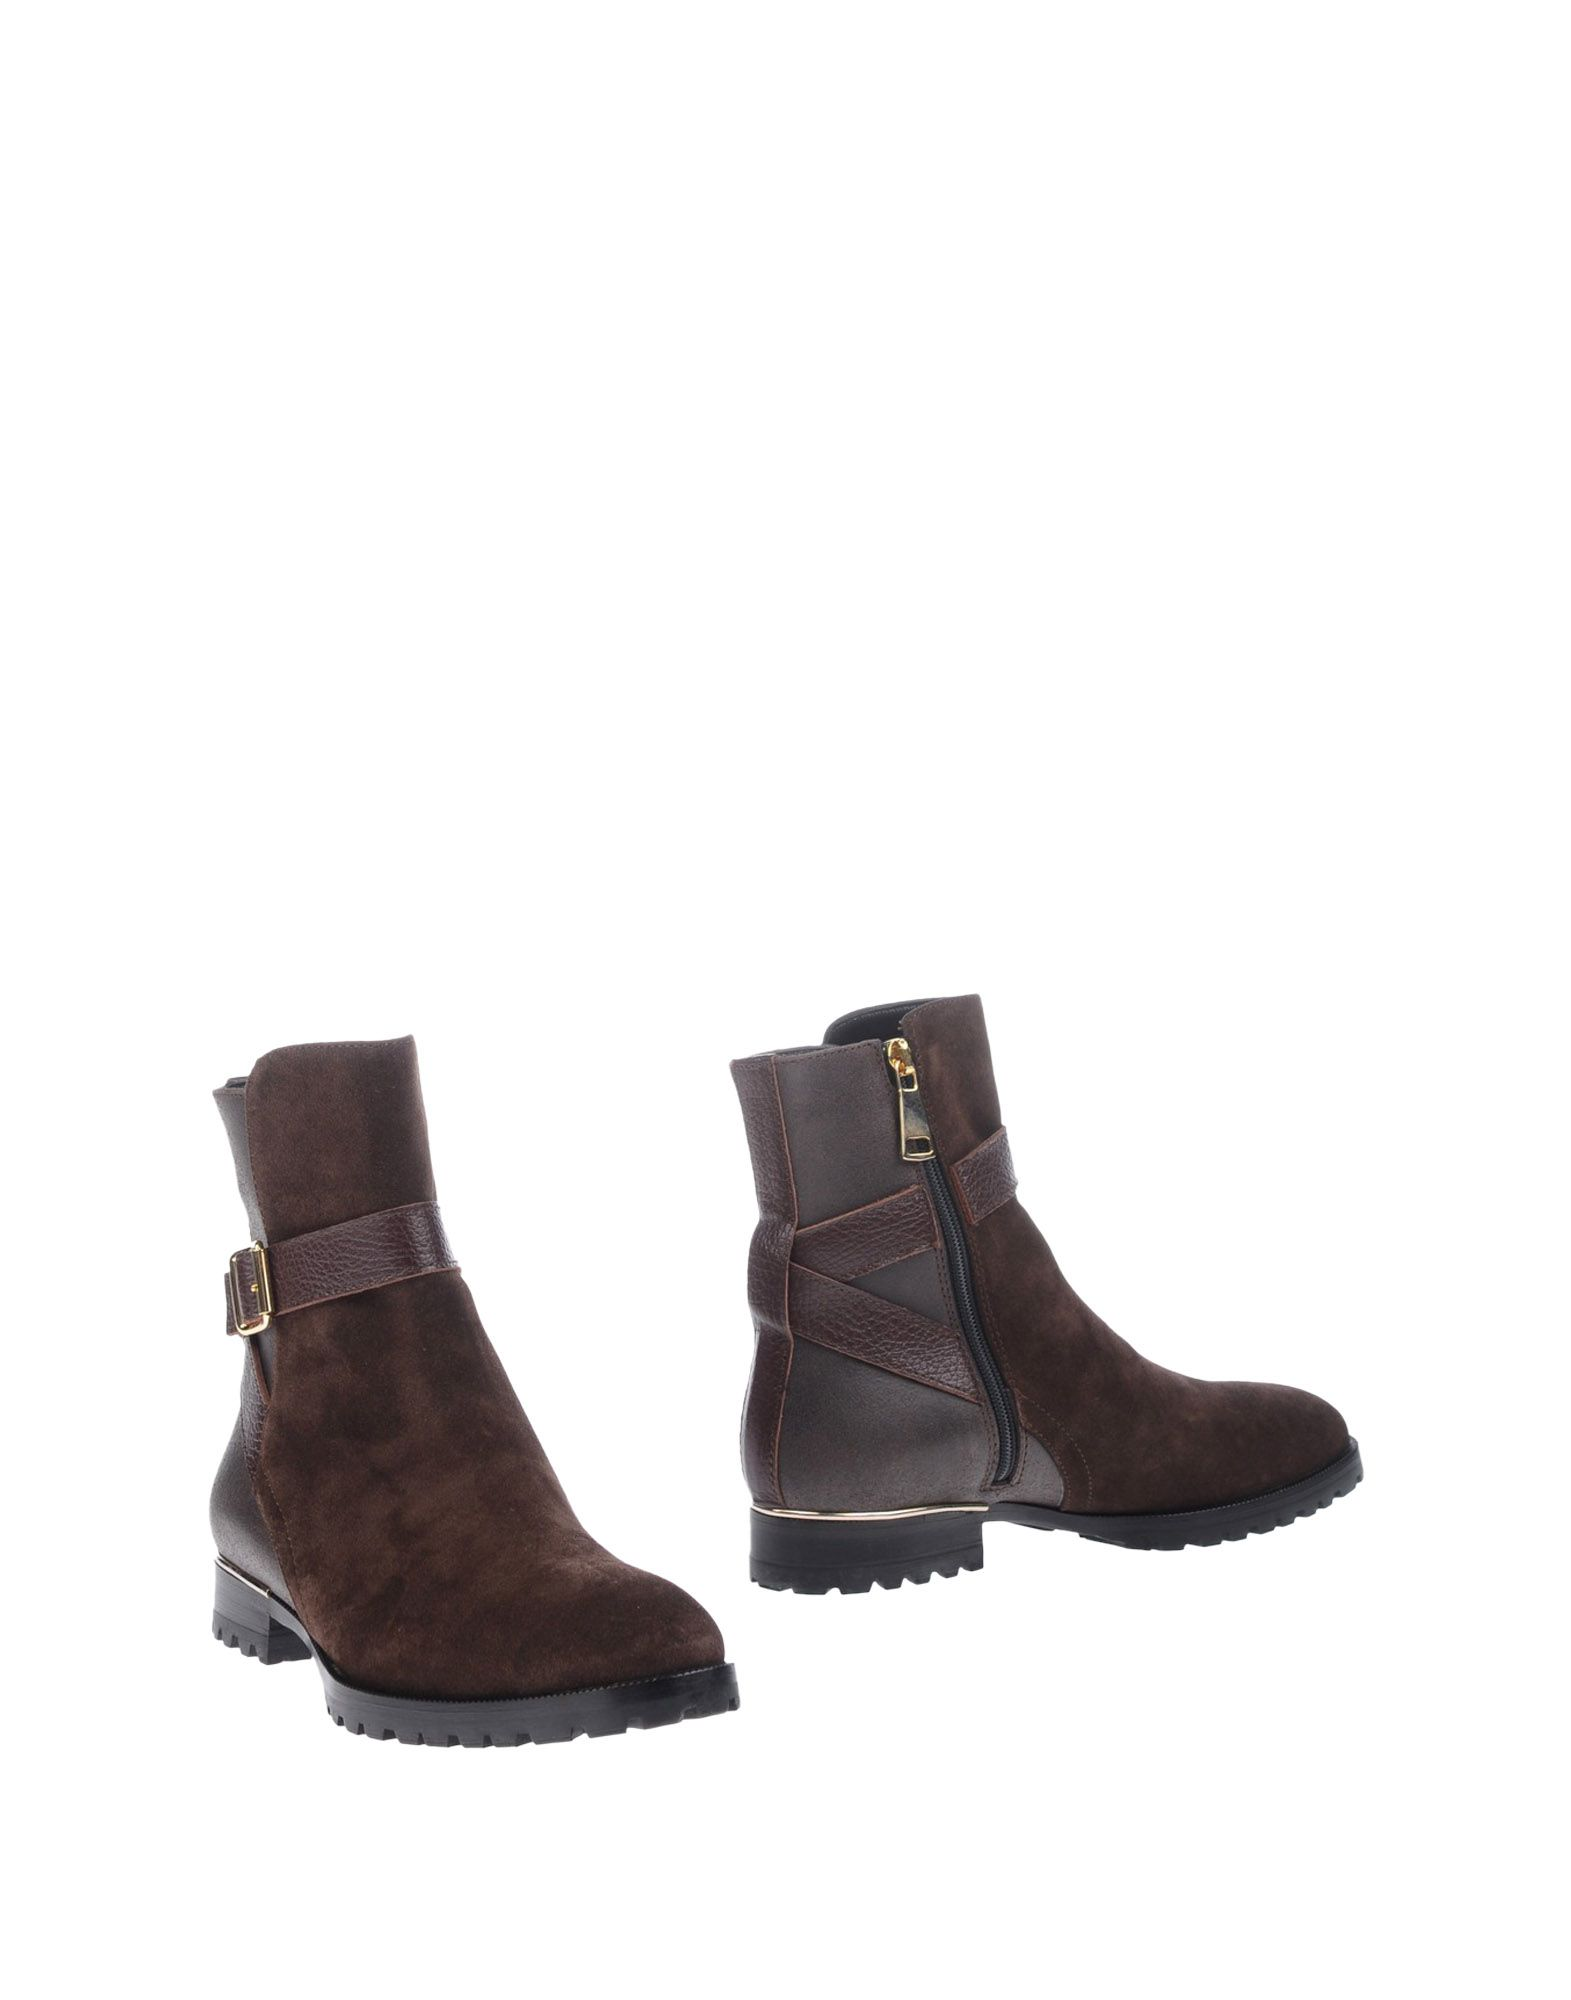 VICTOR BLAKE Полусапоги и высокие ботинки цены онлайн